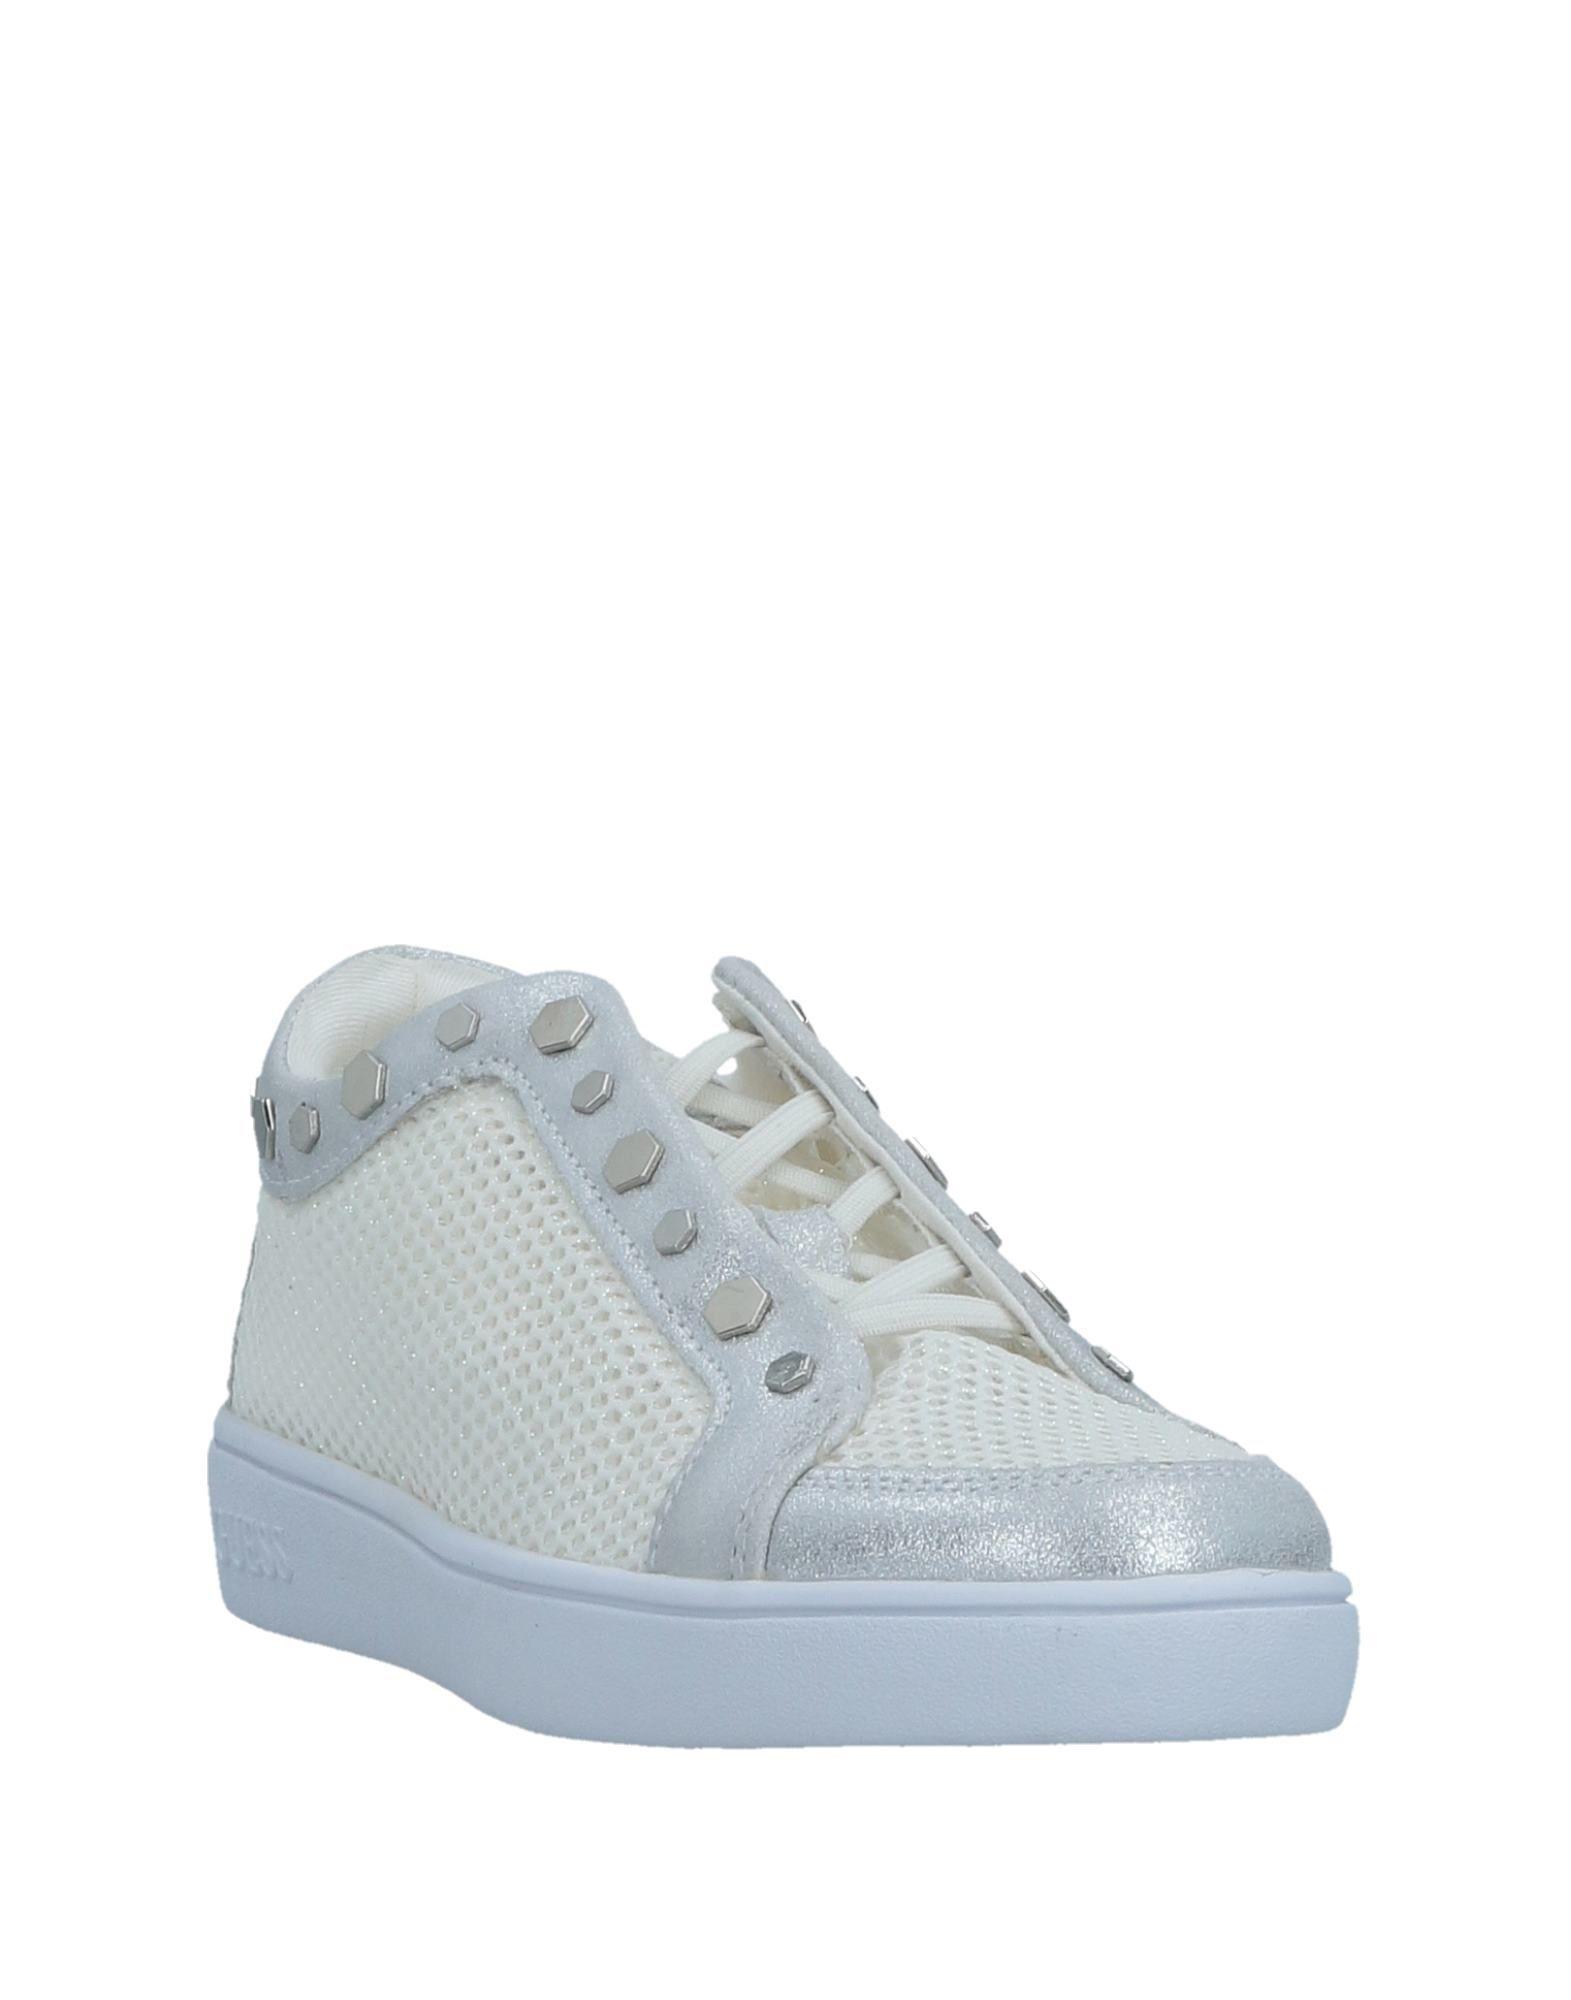 Guess Damen Sneakers Damen Guess  11417750EX Gute Qualität beliebte Schuhe 26b9c2